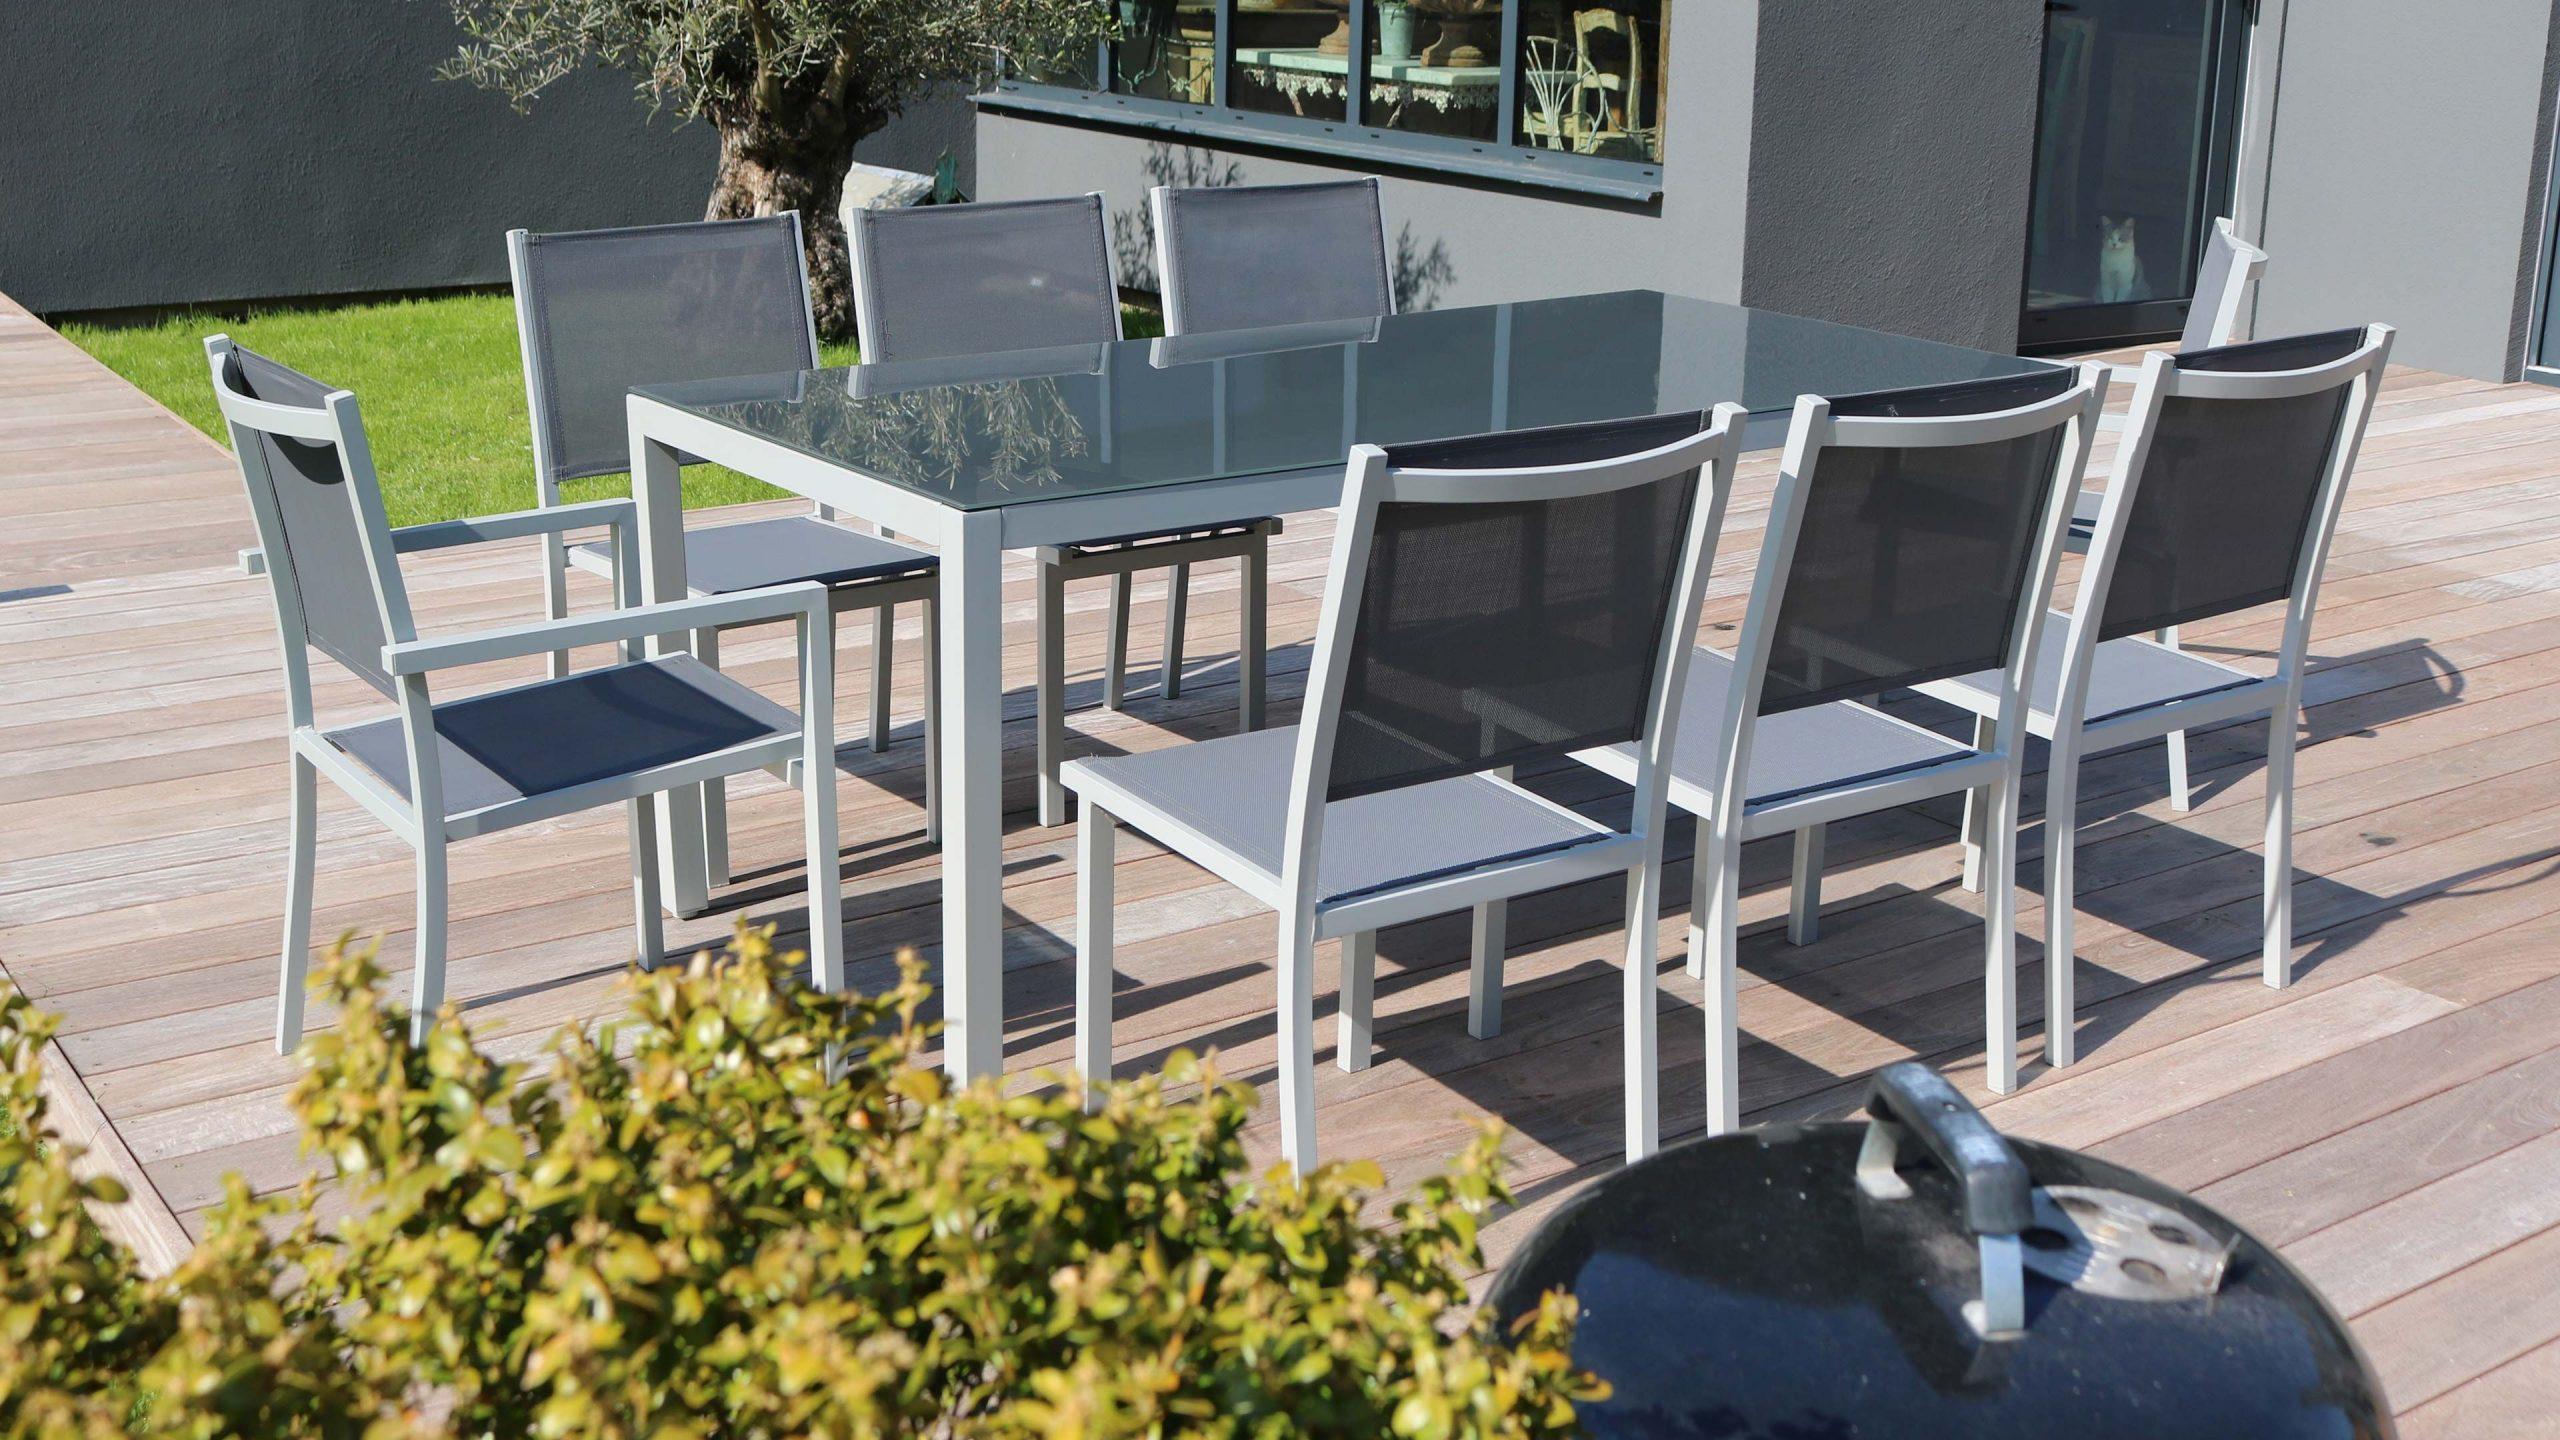 Salon De Jardin Aluminium Table De Jardin 8 Places intérieur Salon De Jardin Aluminium 8 Places